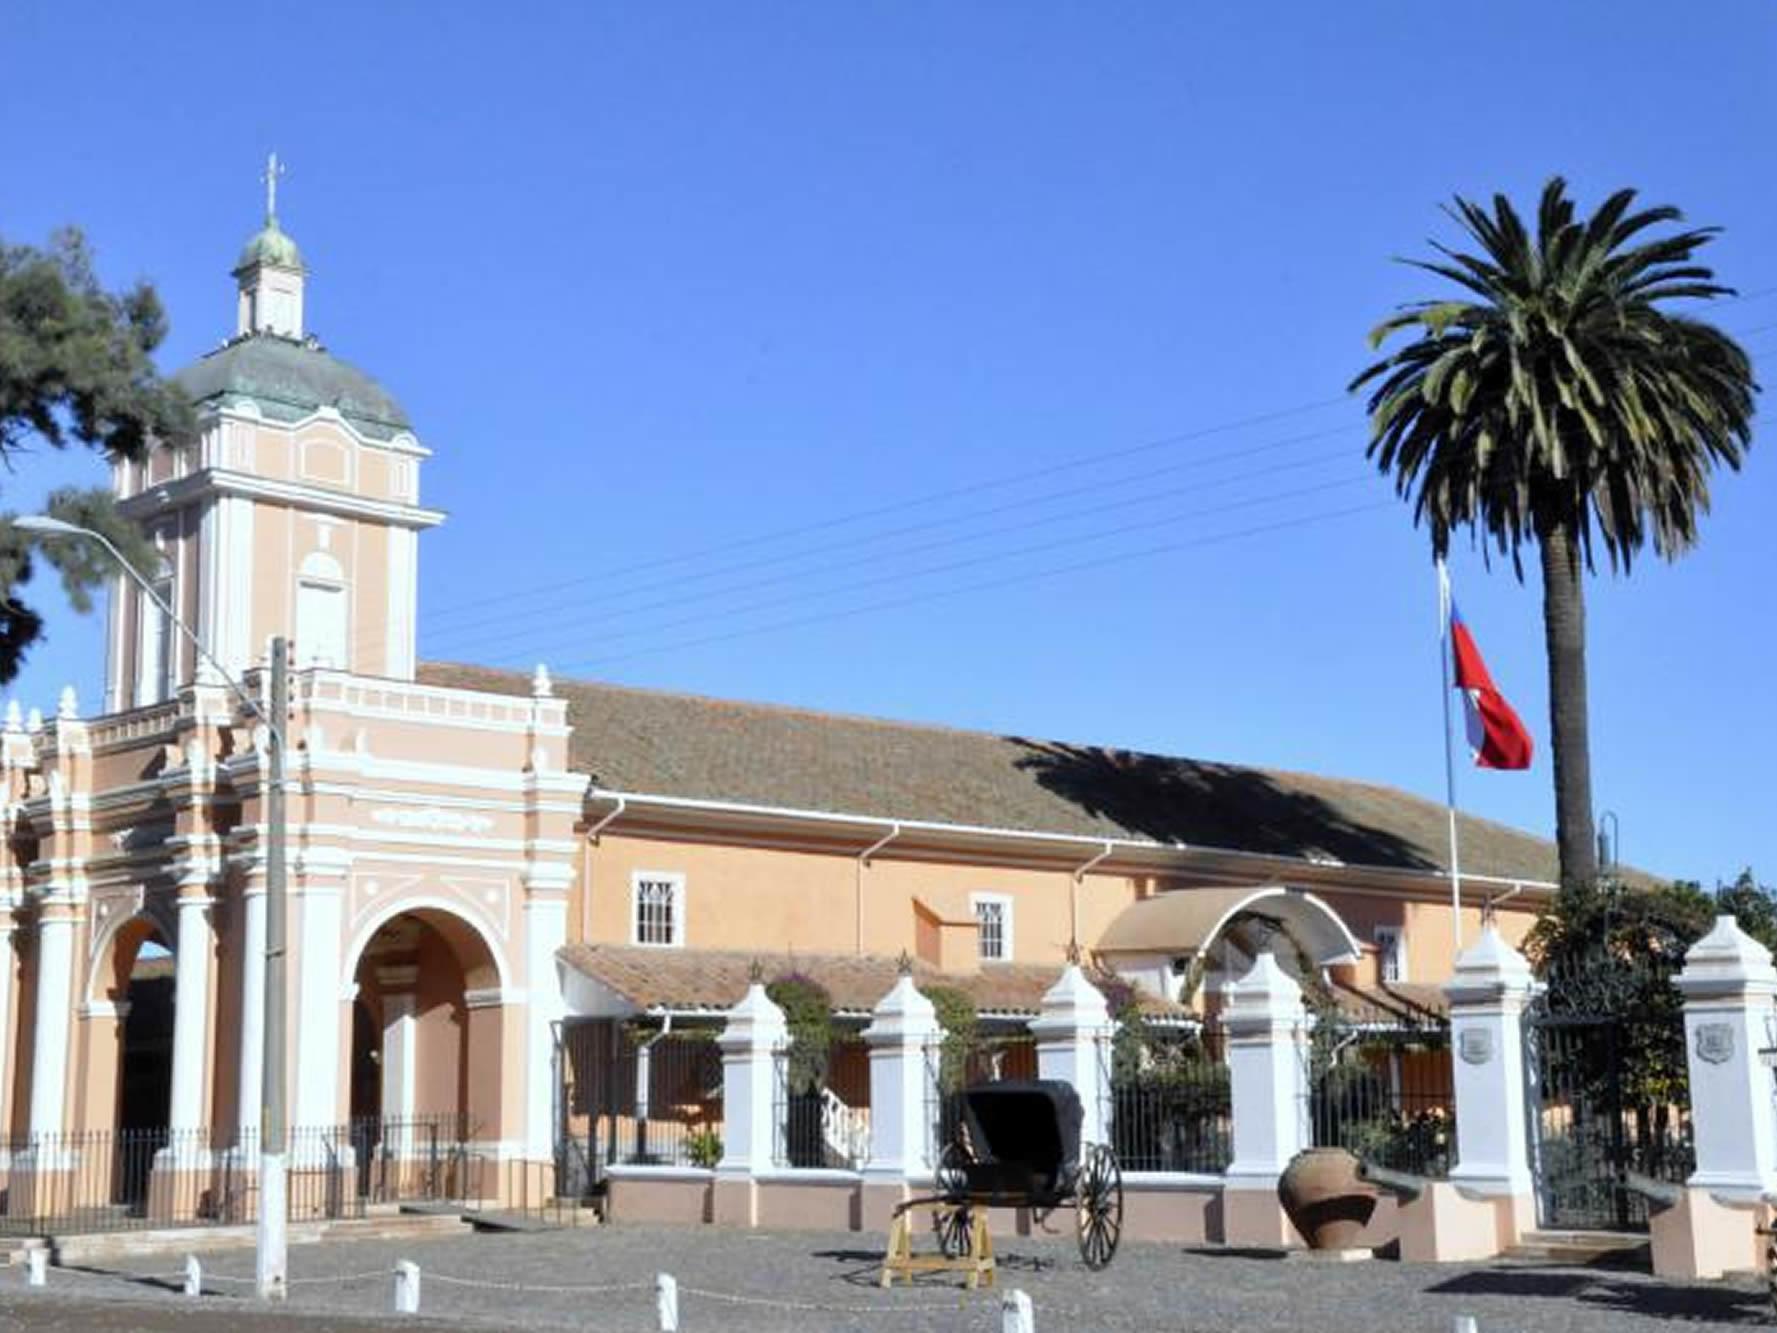 Exterior side view of El Huique Museum at NOI Blend Colchagua